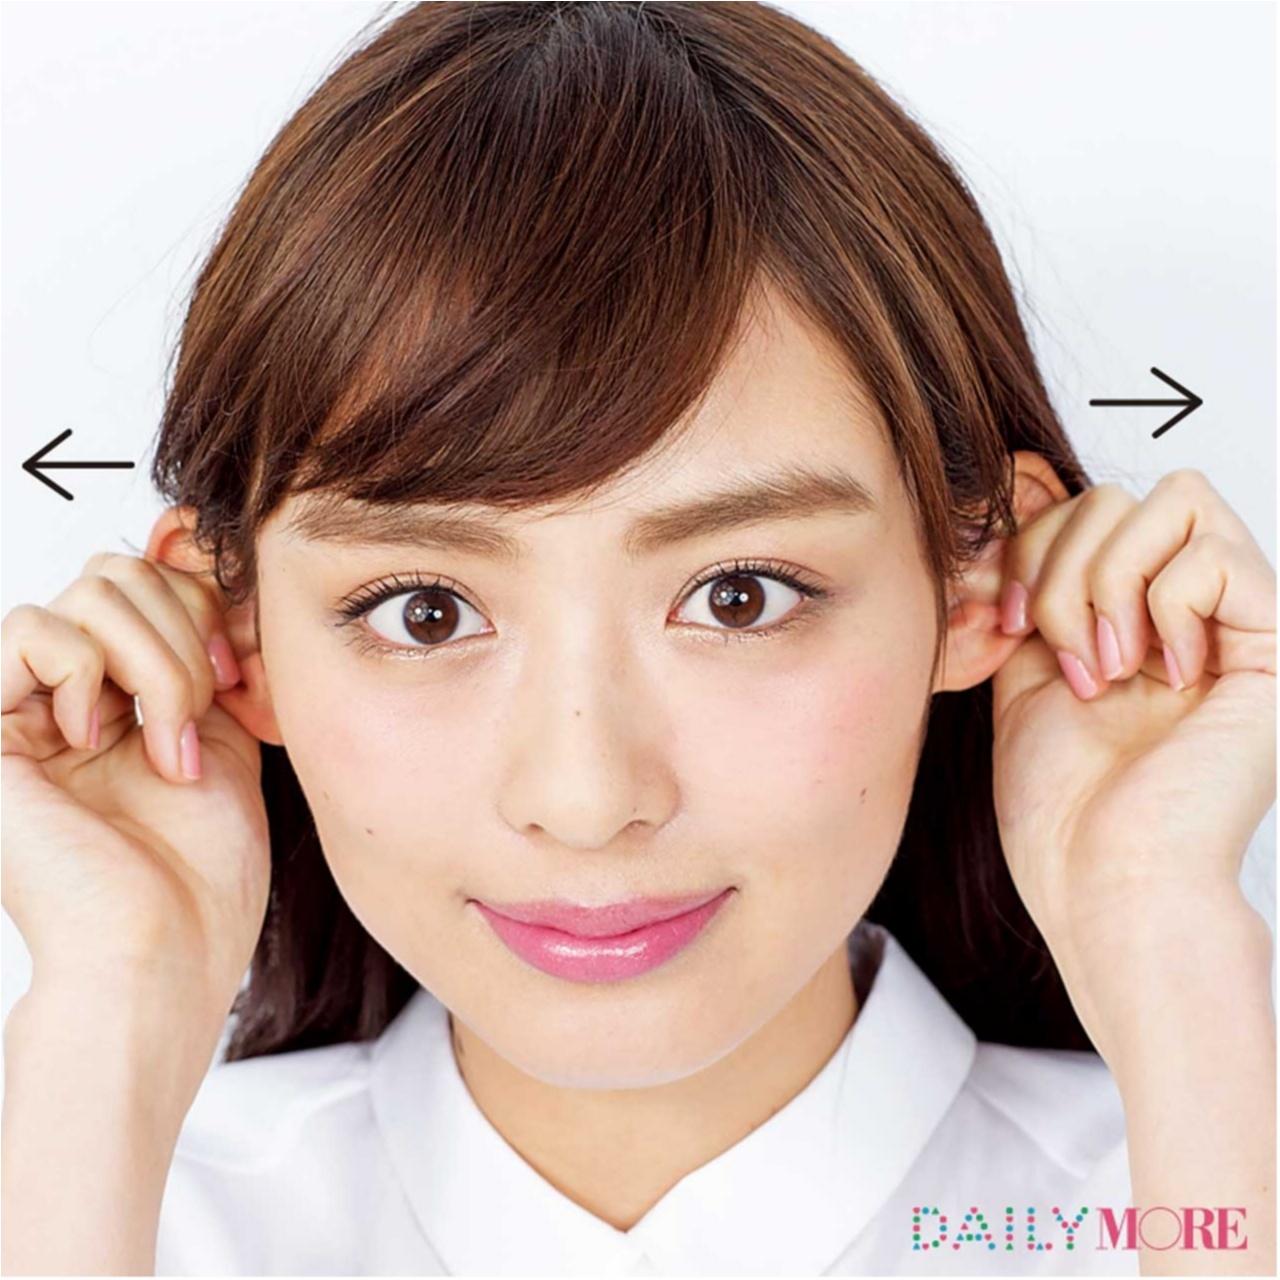 おしゃれな田中里奈ネイルも世界一正しい髪の洗い方もマスター! ビューティ人気ランキングトップ3☆_2